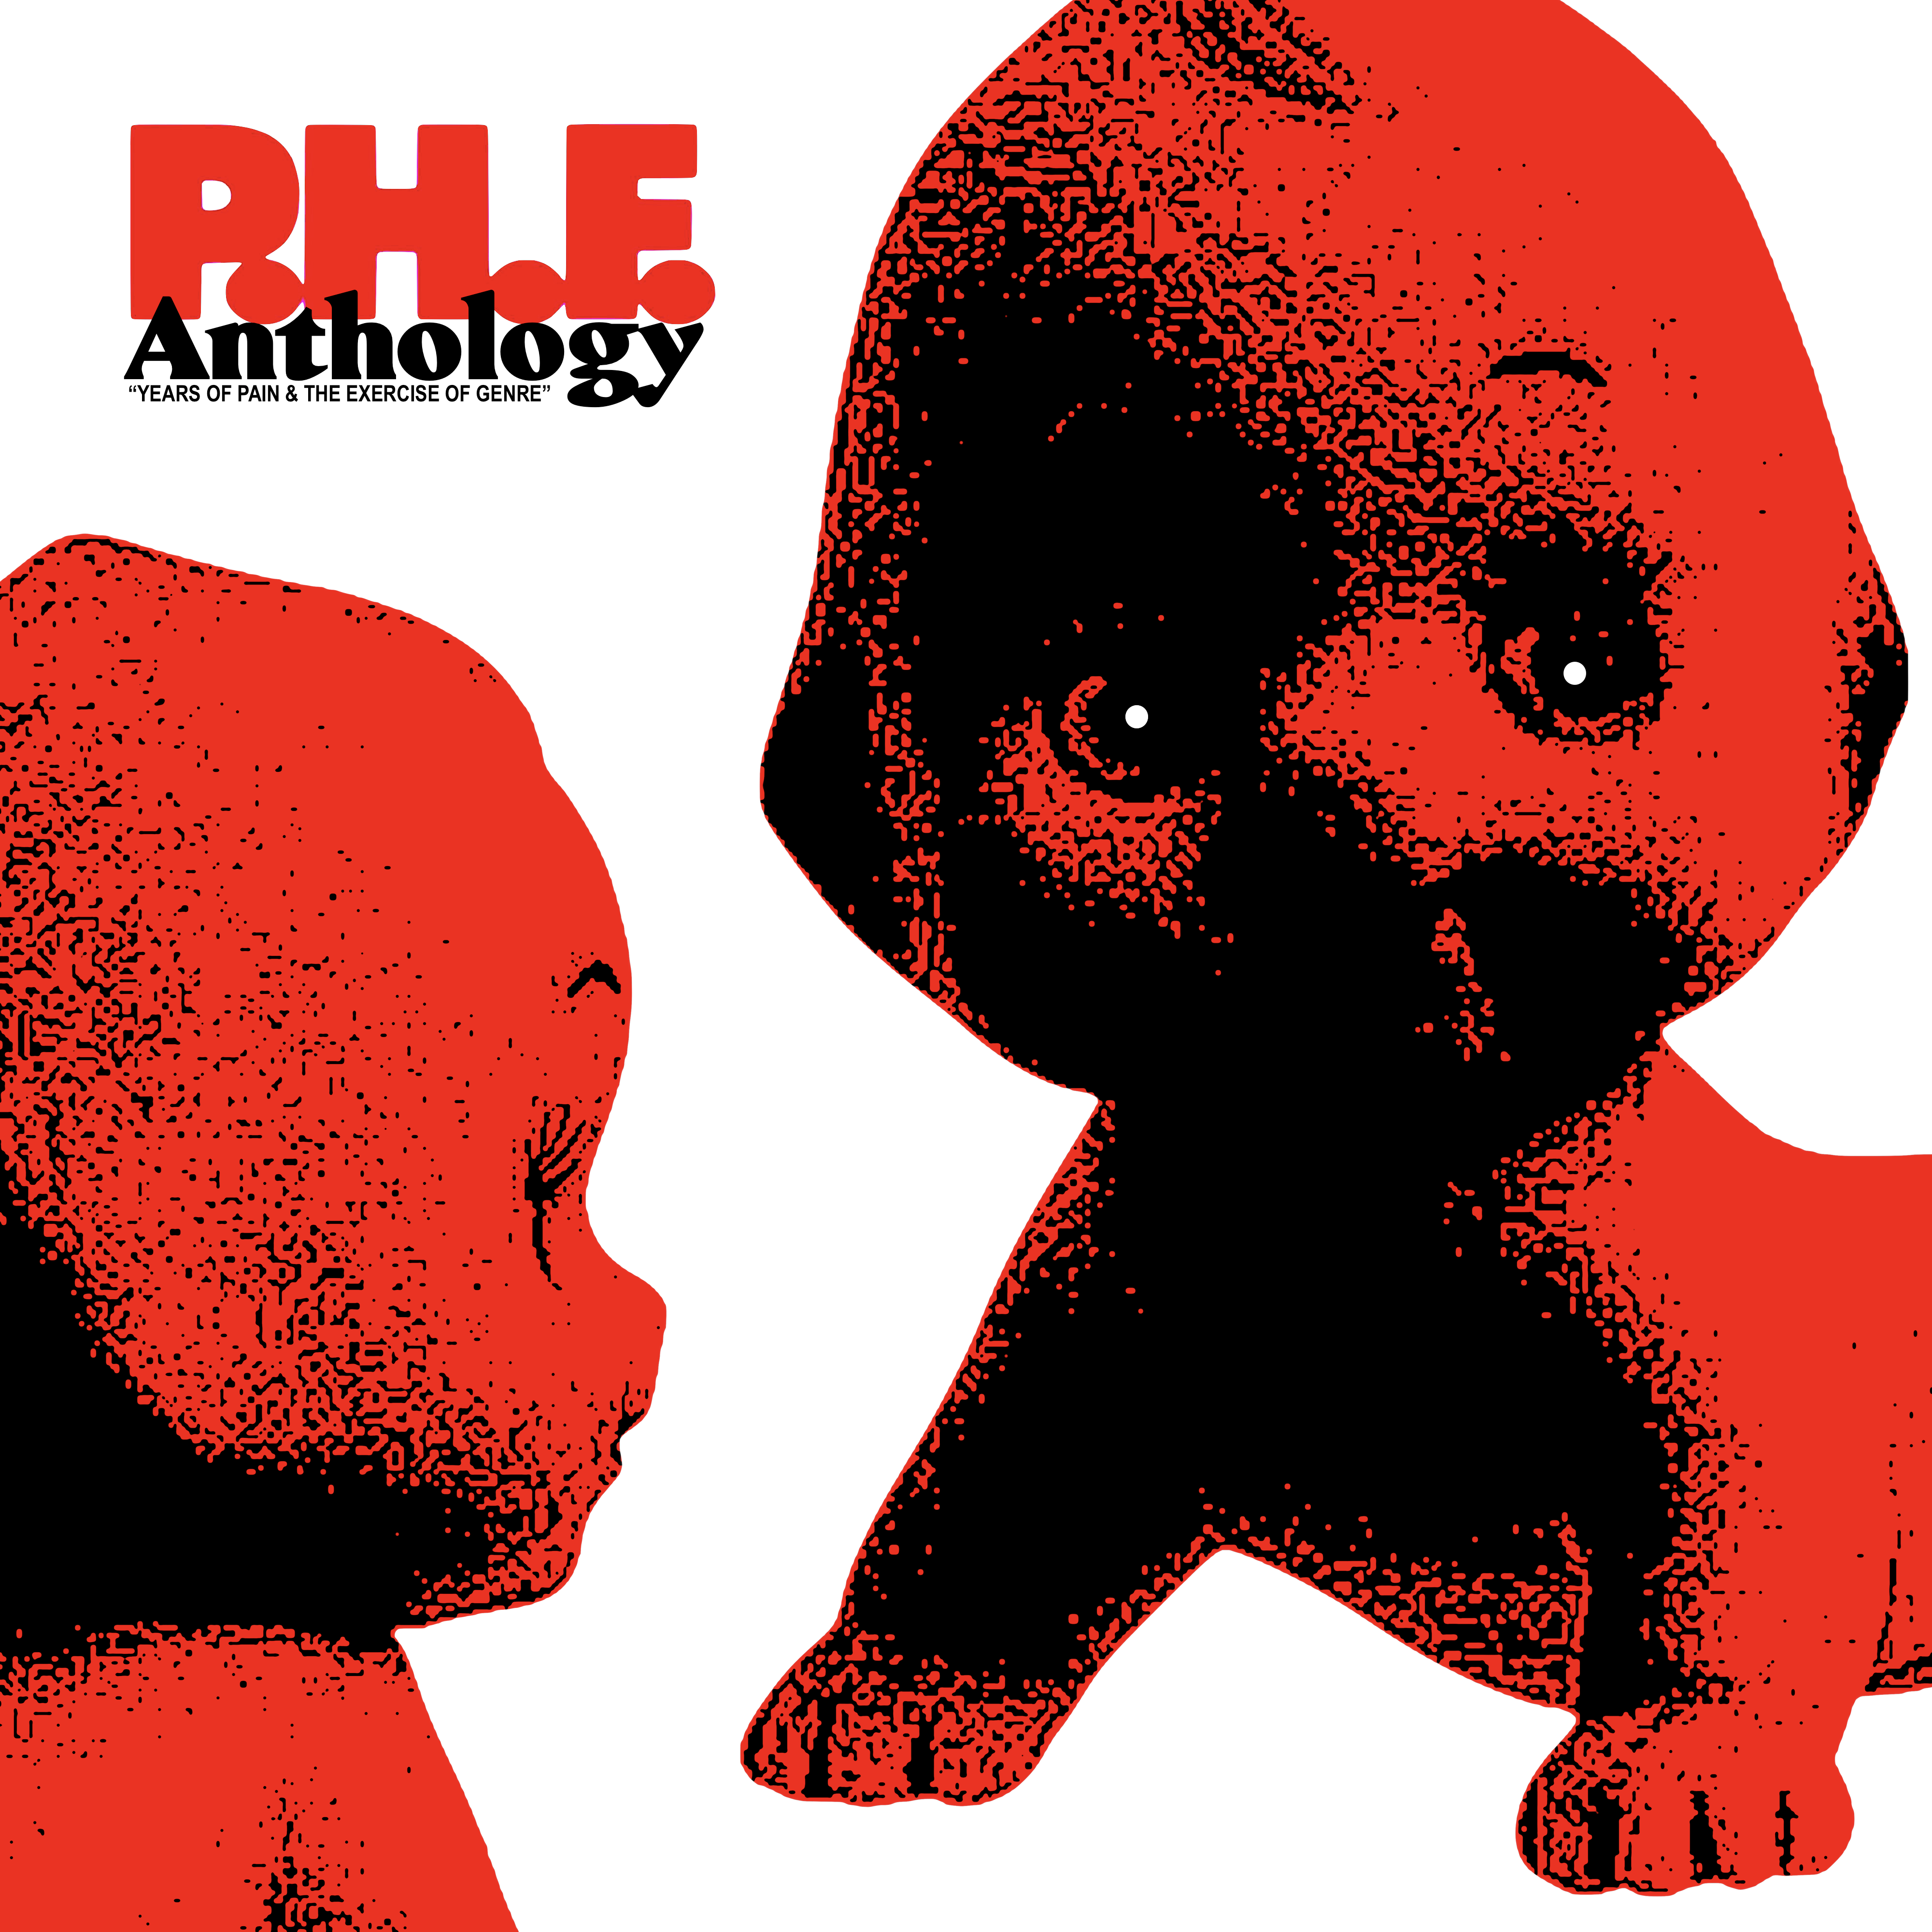 P.H.F. - Anthology